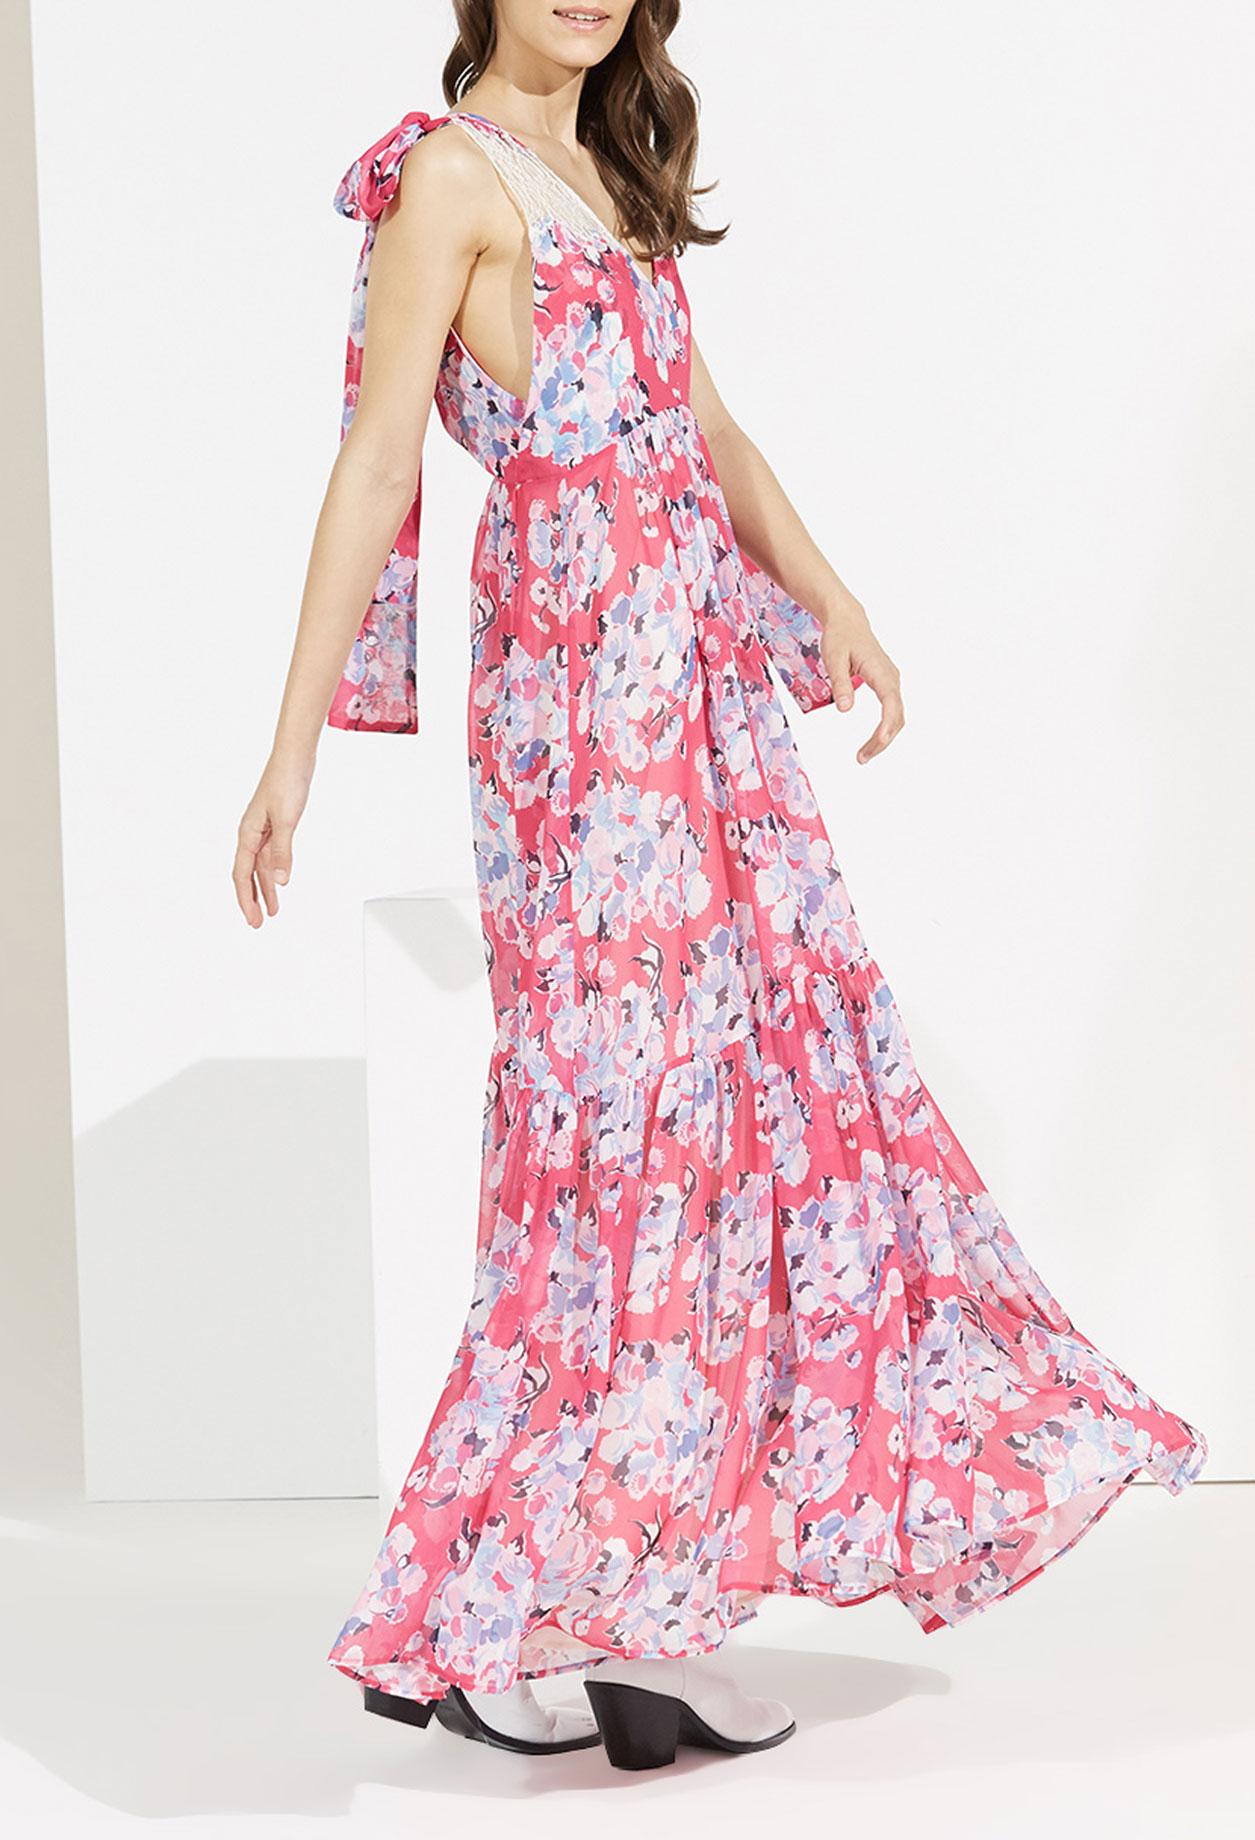 Kleid Rosace intérieur Image De Rosace